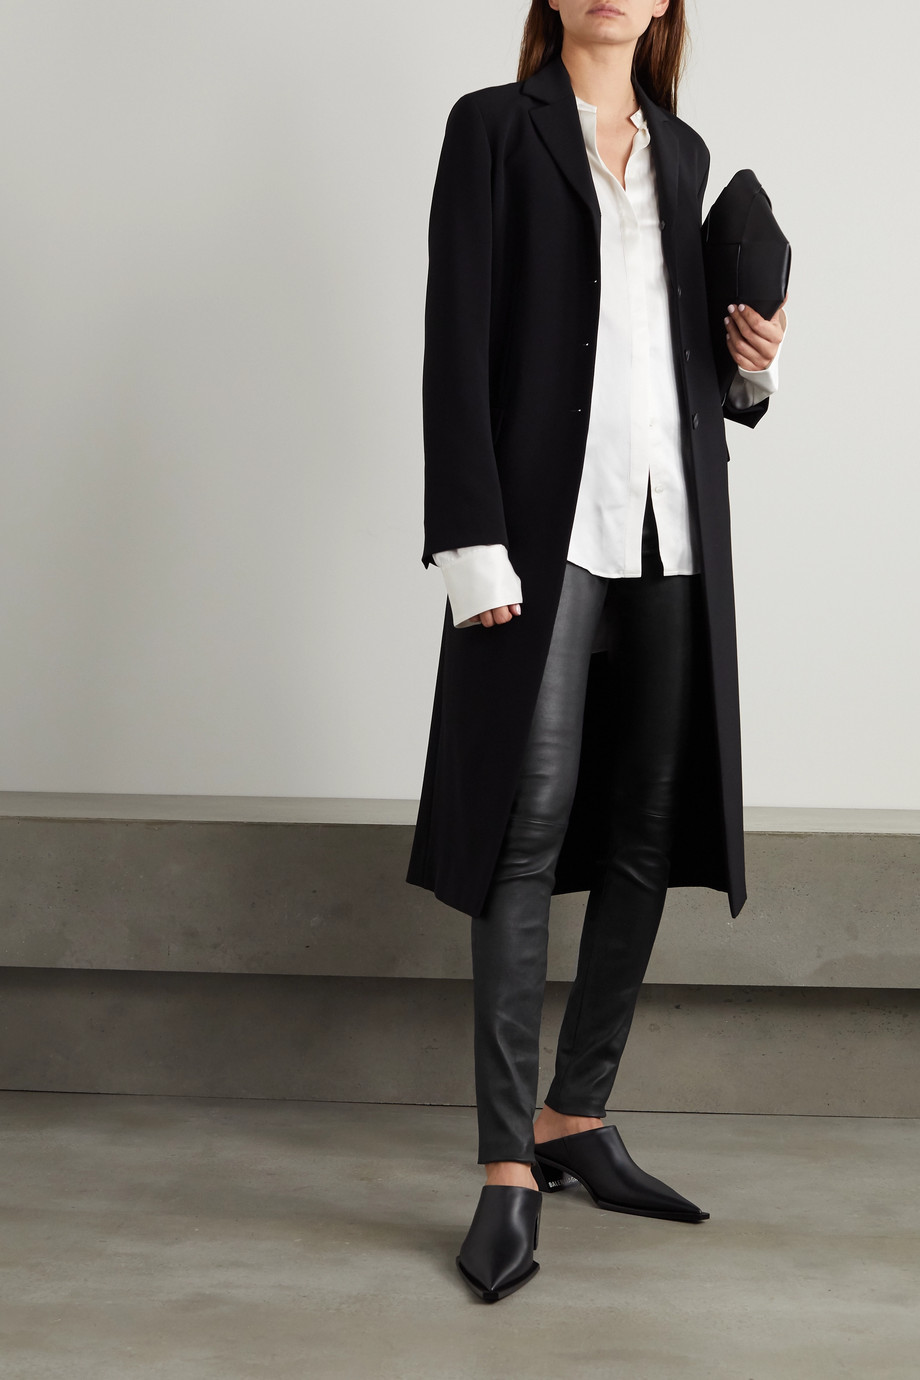 Haider Ackermann Leather leggings